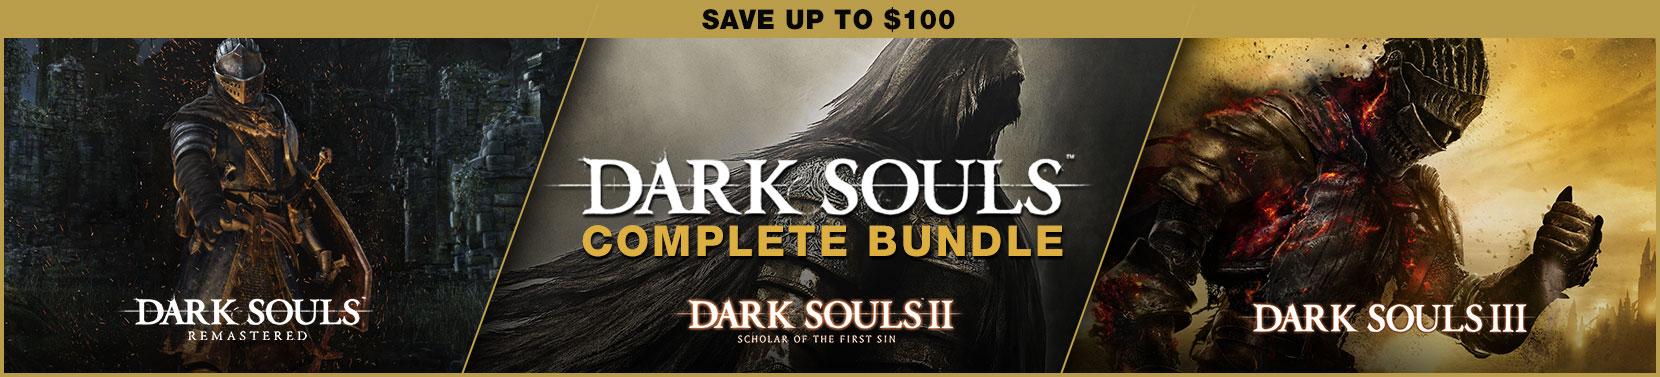 Dark Souls Complete Bundle [Steam] @ indiegala